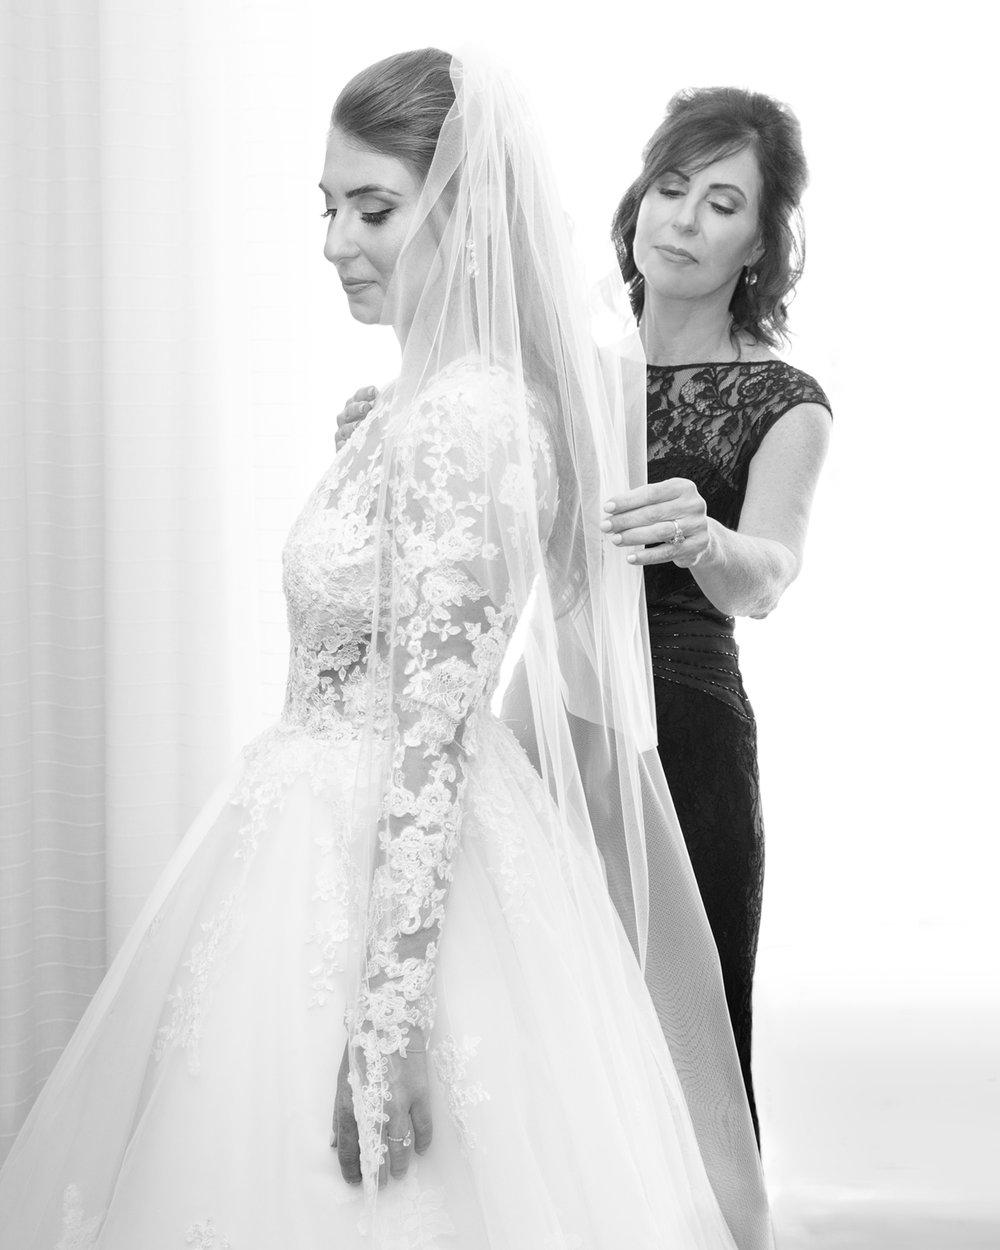 Wedding-Bridal-Party-Getting-Ready-33.jpg